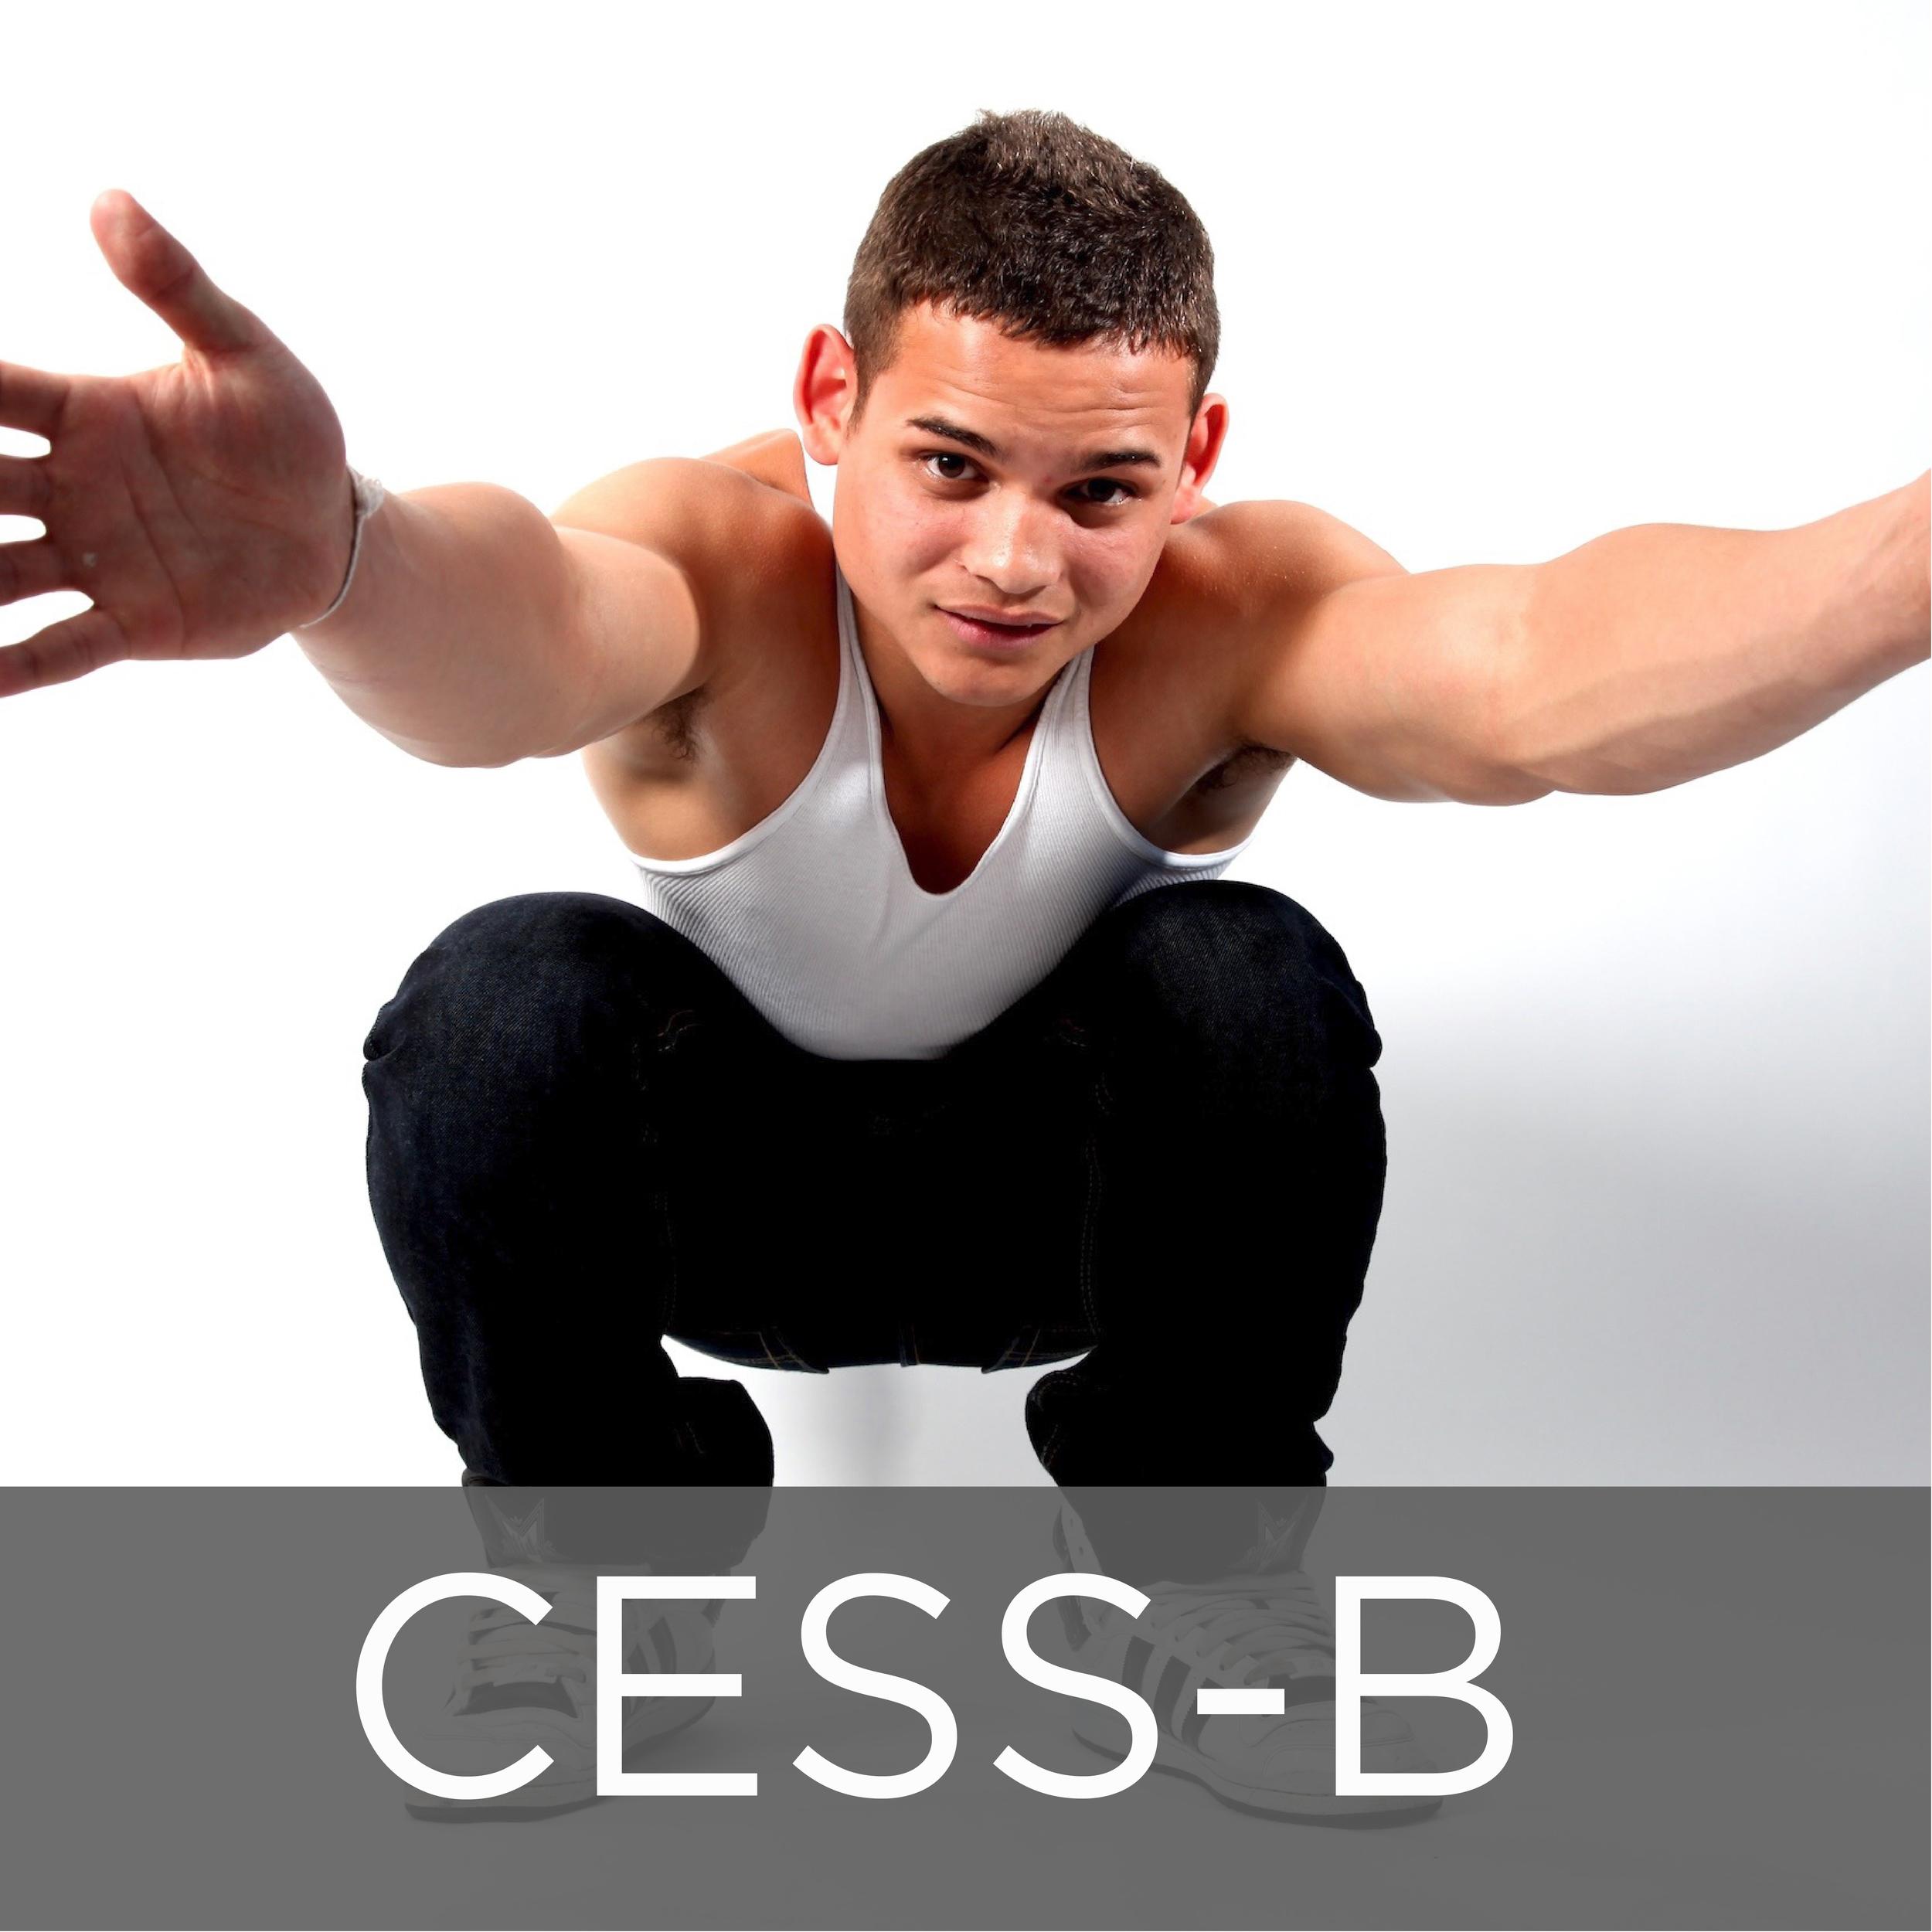 Cess-B